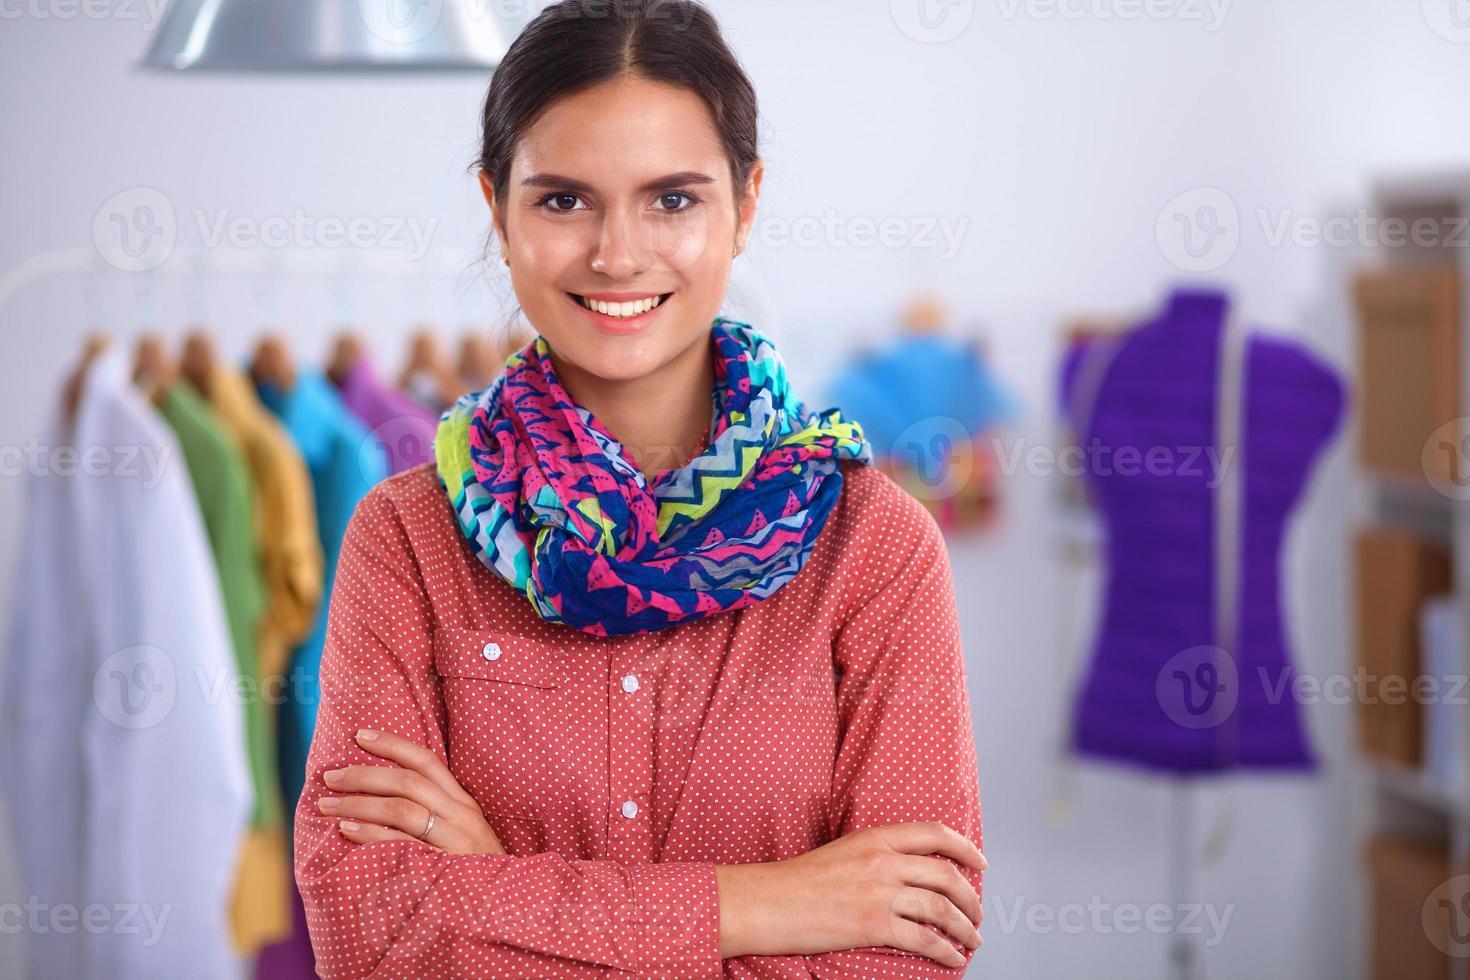 designer de roupas no trabalho foto